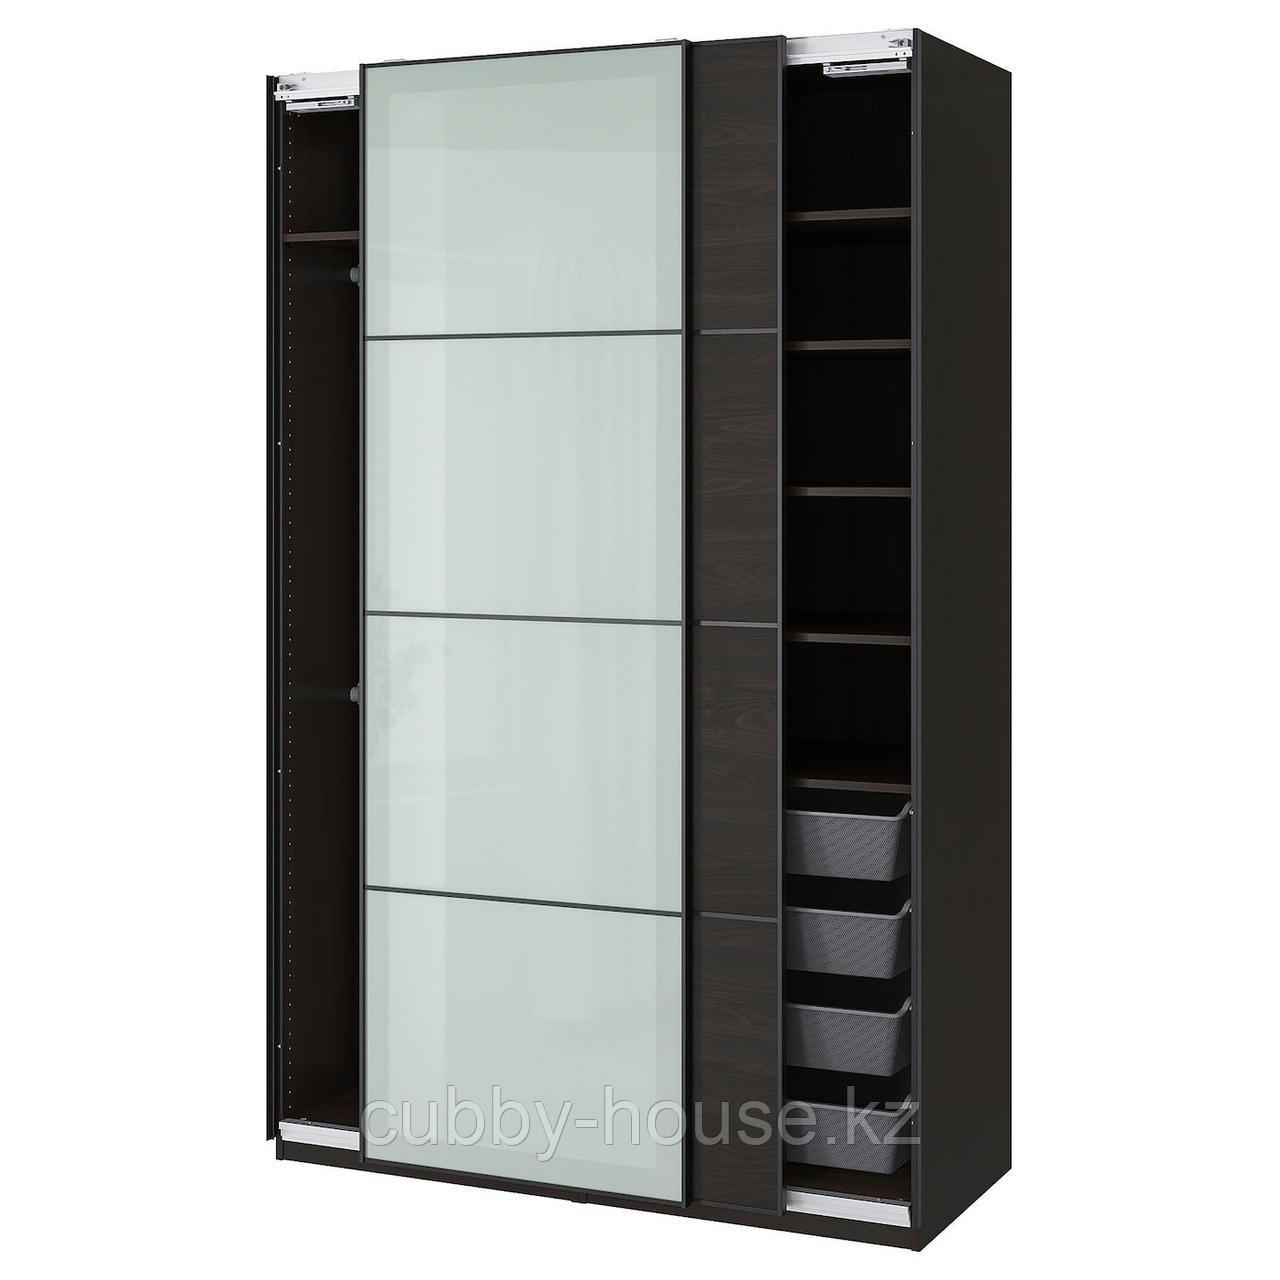 ПАКС / МЕХАМН/СЕККЕН Гардероб, комбинация, черно-коричневый, матовое стекло, 150x66x236 см